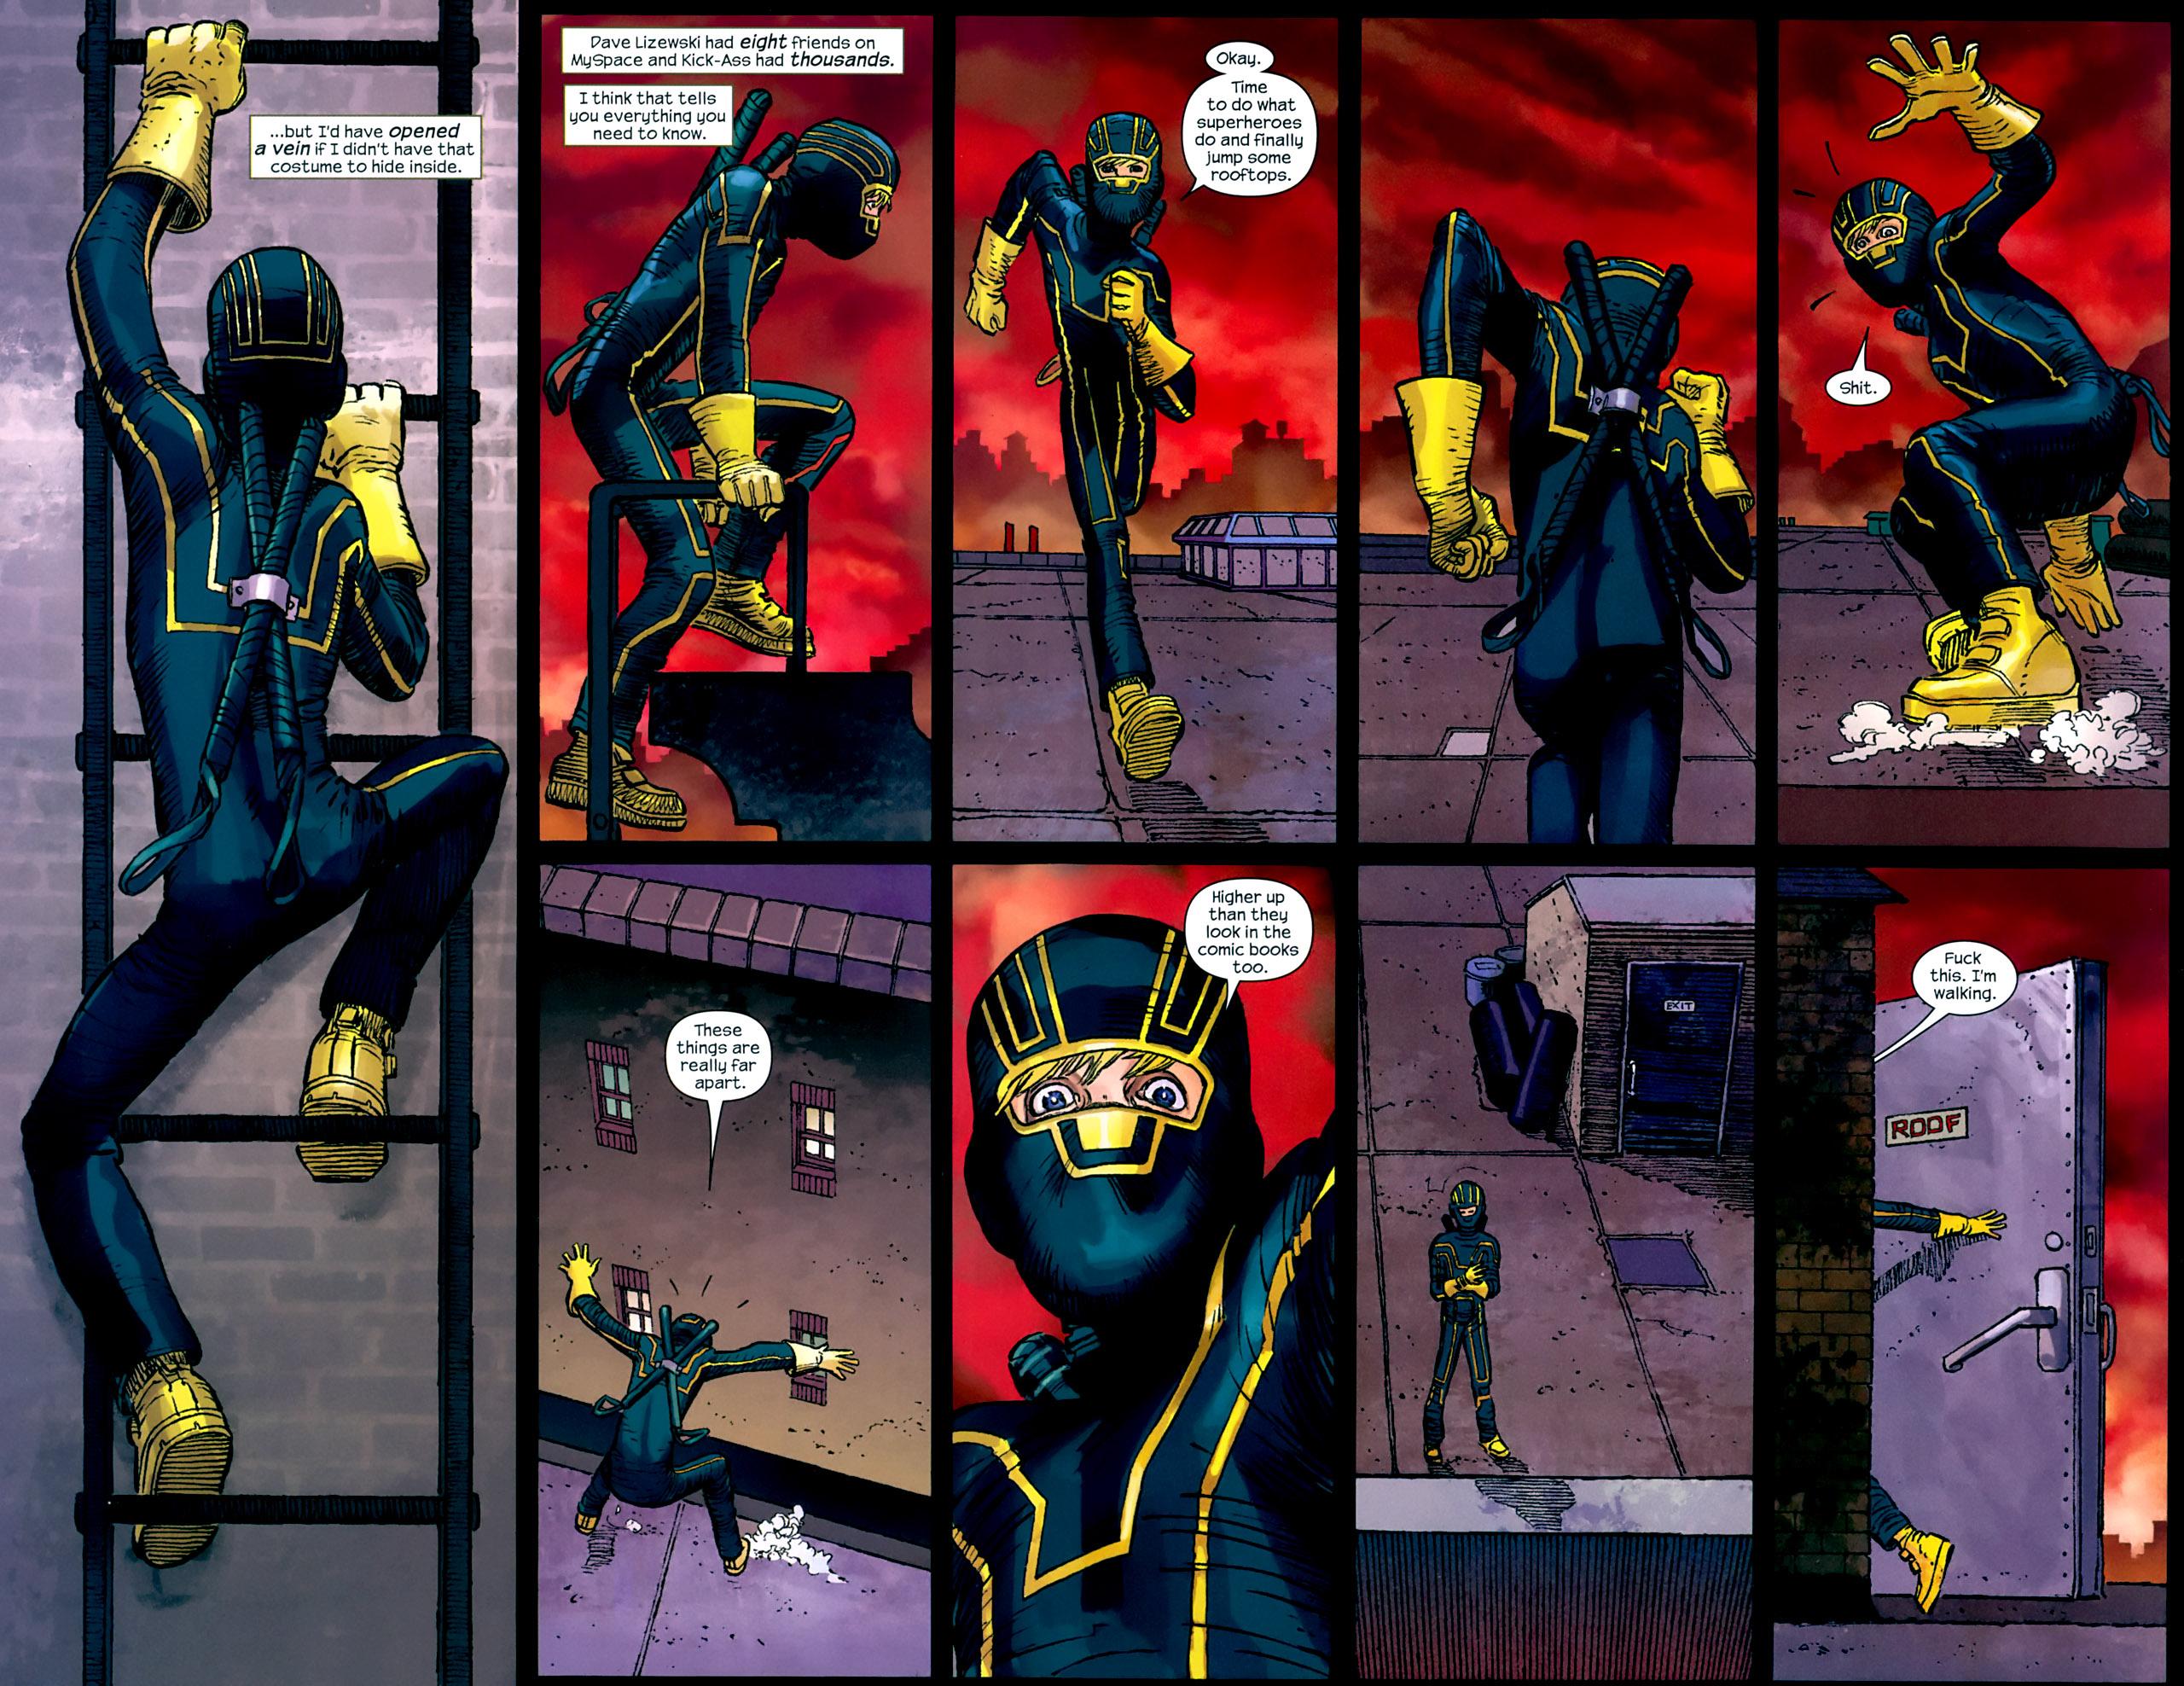 Kick ass Computer Wallpapers Desktop Backgrounds 2560x1976 ID 2560x1976